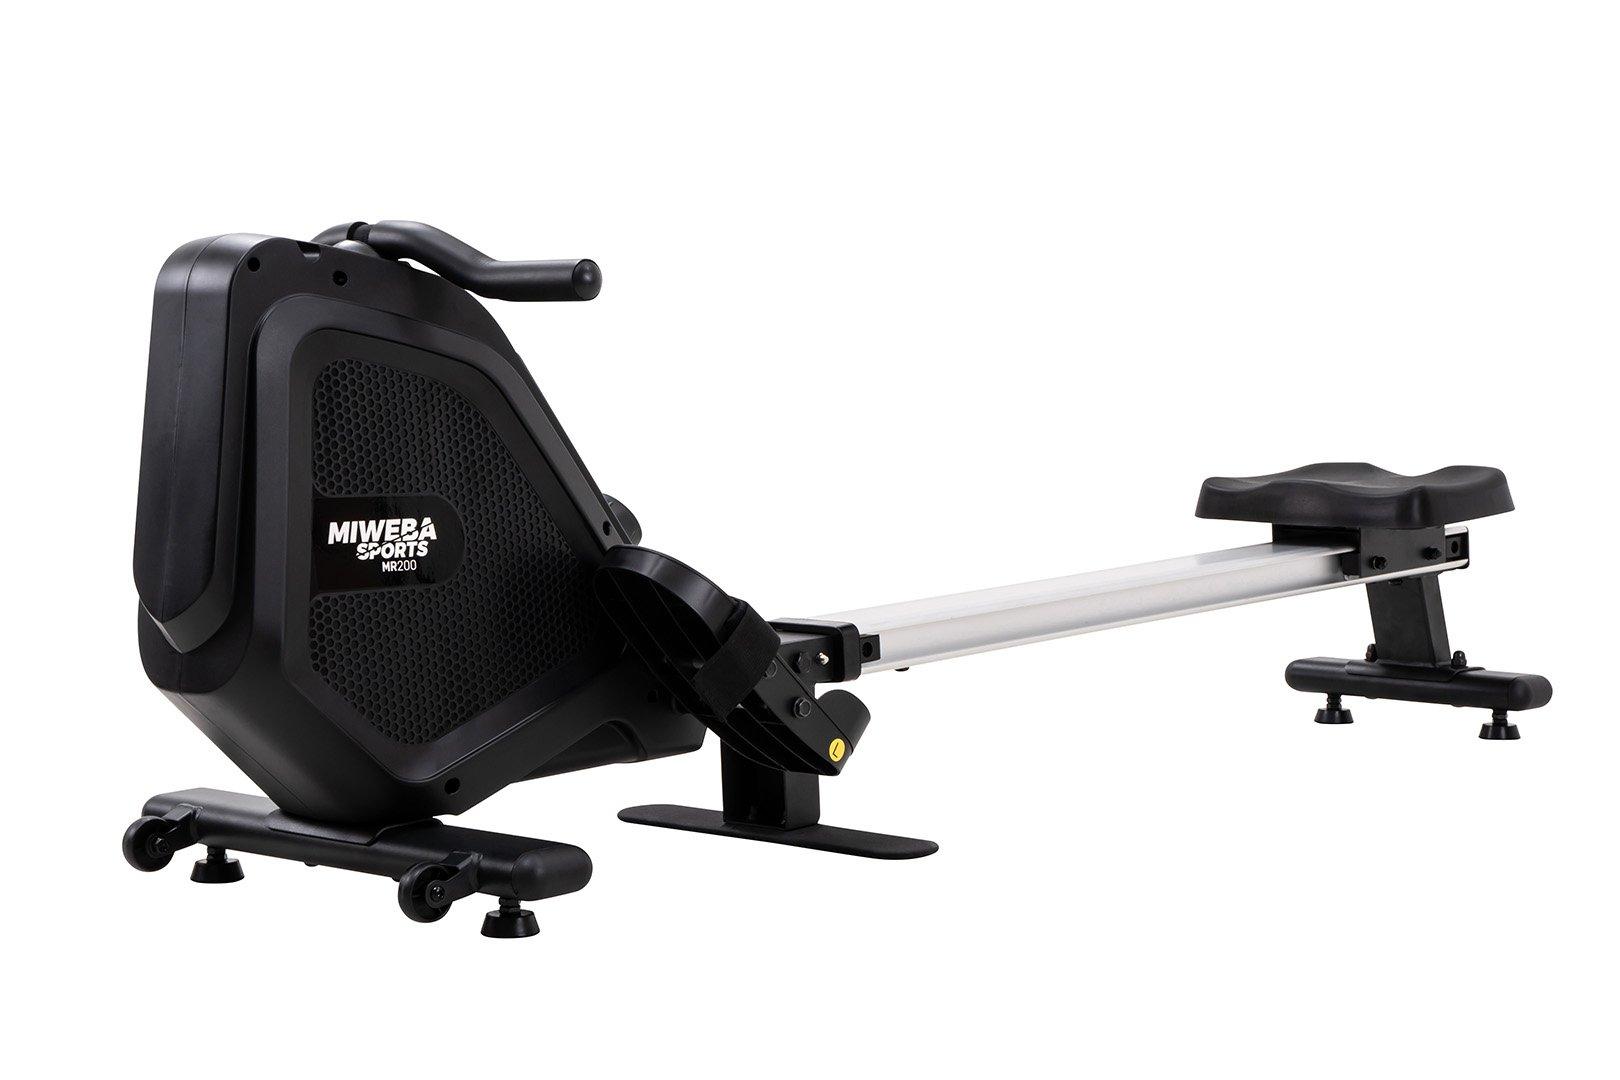 Wioślarz Miweba Sports MR200 dla początkujących z oporem magnetycznym